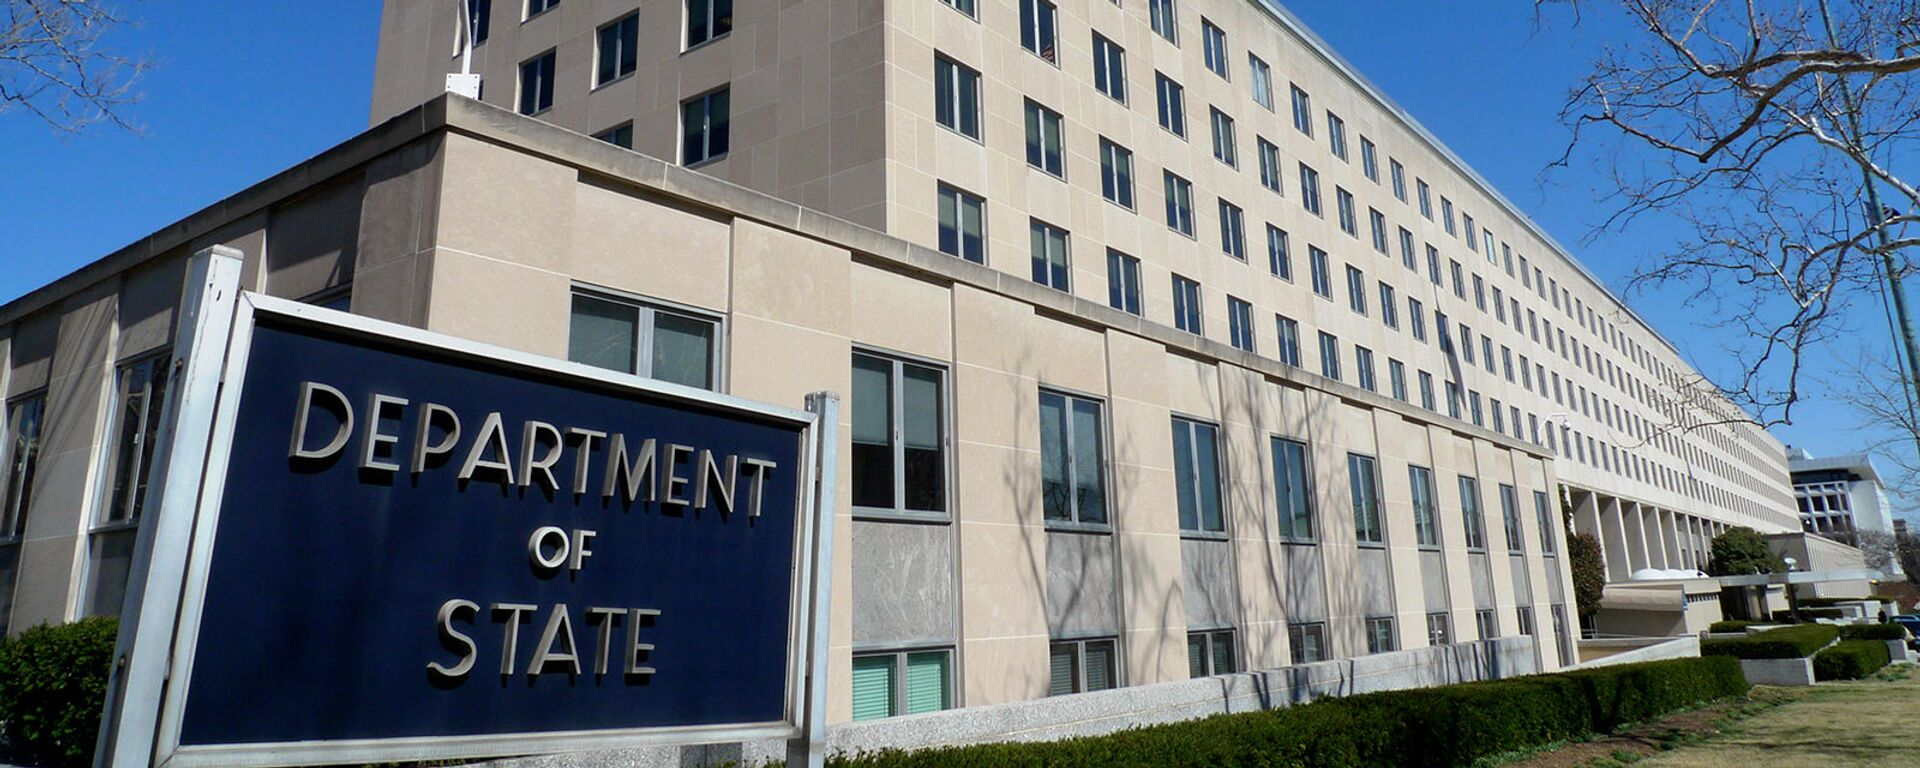 Штаб-квартира Государственного департамента США в Вашингтоне - Sputnik Արմենիա, 1920, 14.05.2021